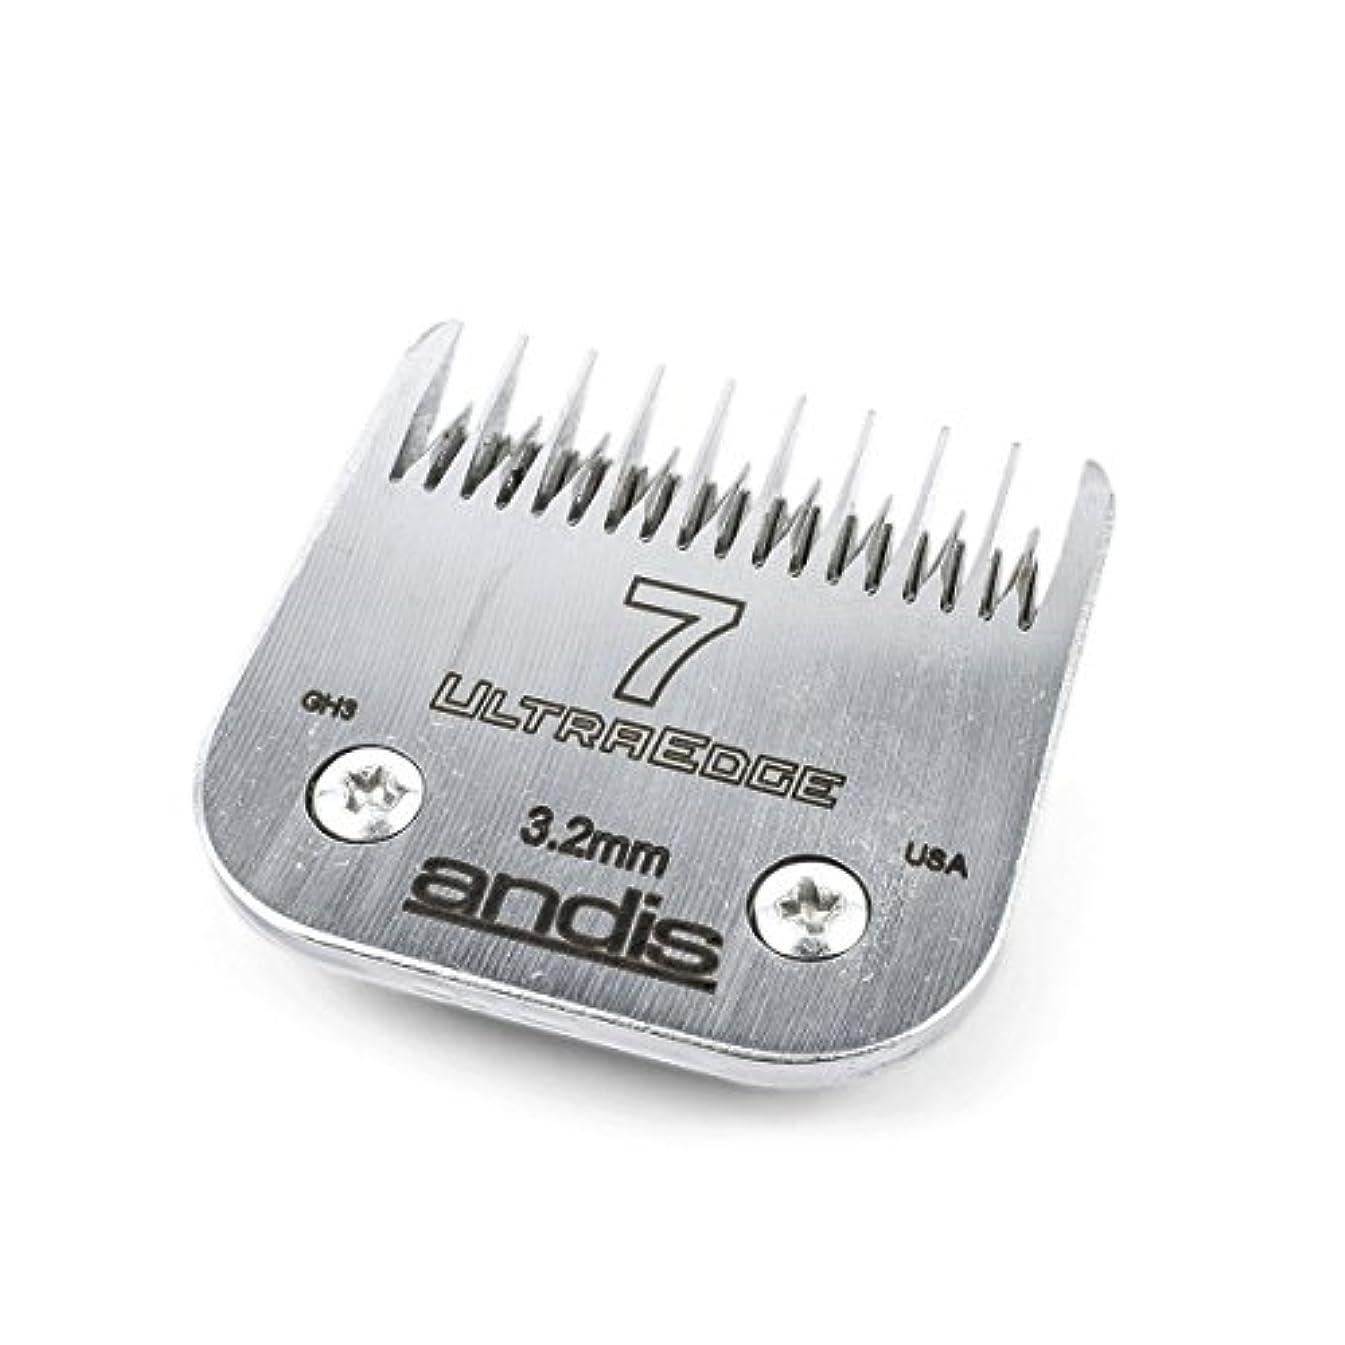 マイクタッチ結果としてアンディス 64080 ウルトラエッジ 7 スキップ ツゥース ブレード 3.2mm[海外直送品] [並行輸入品]